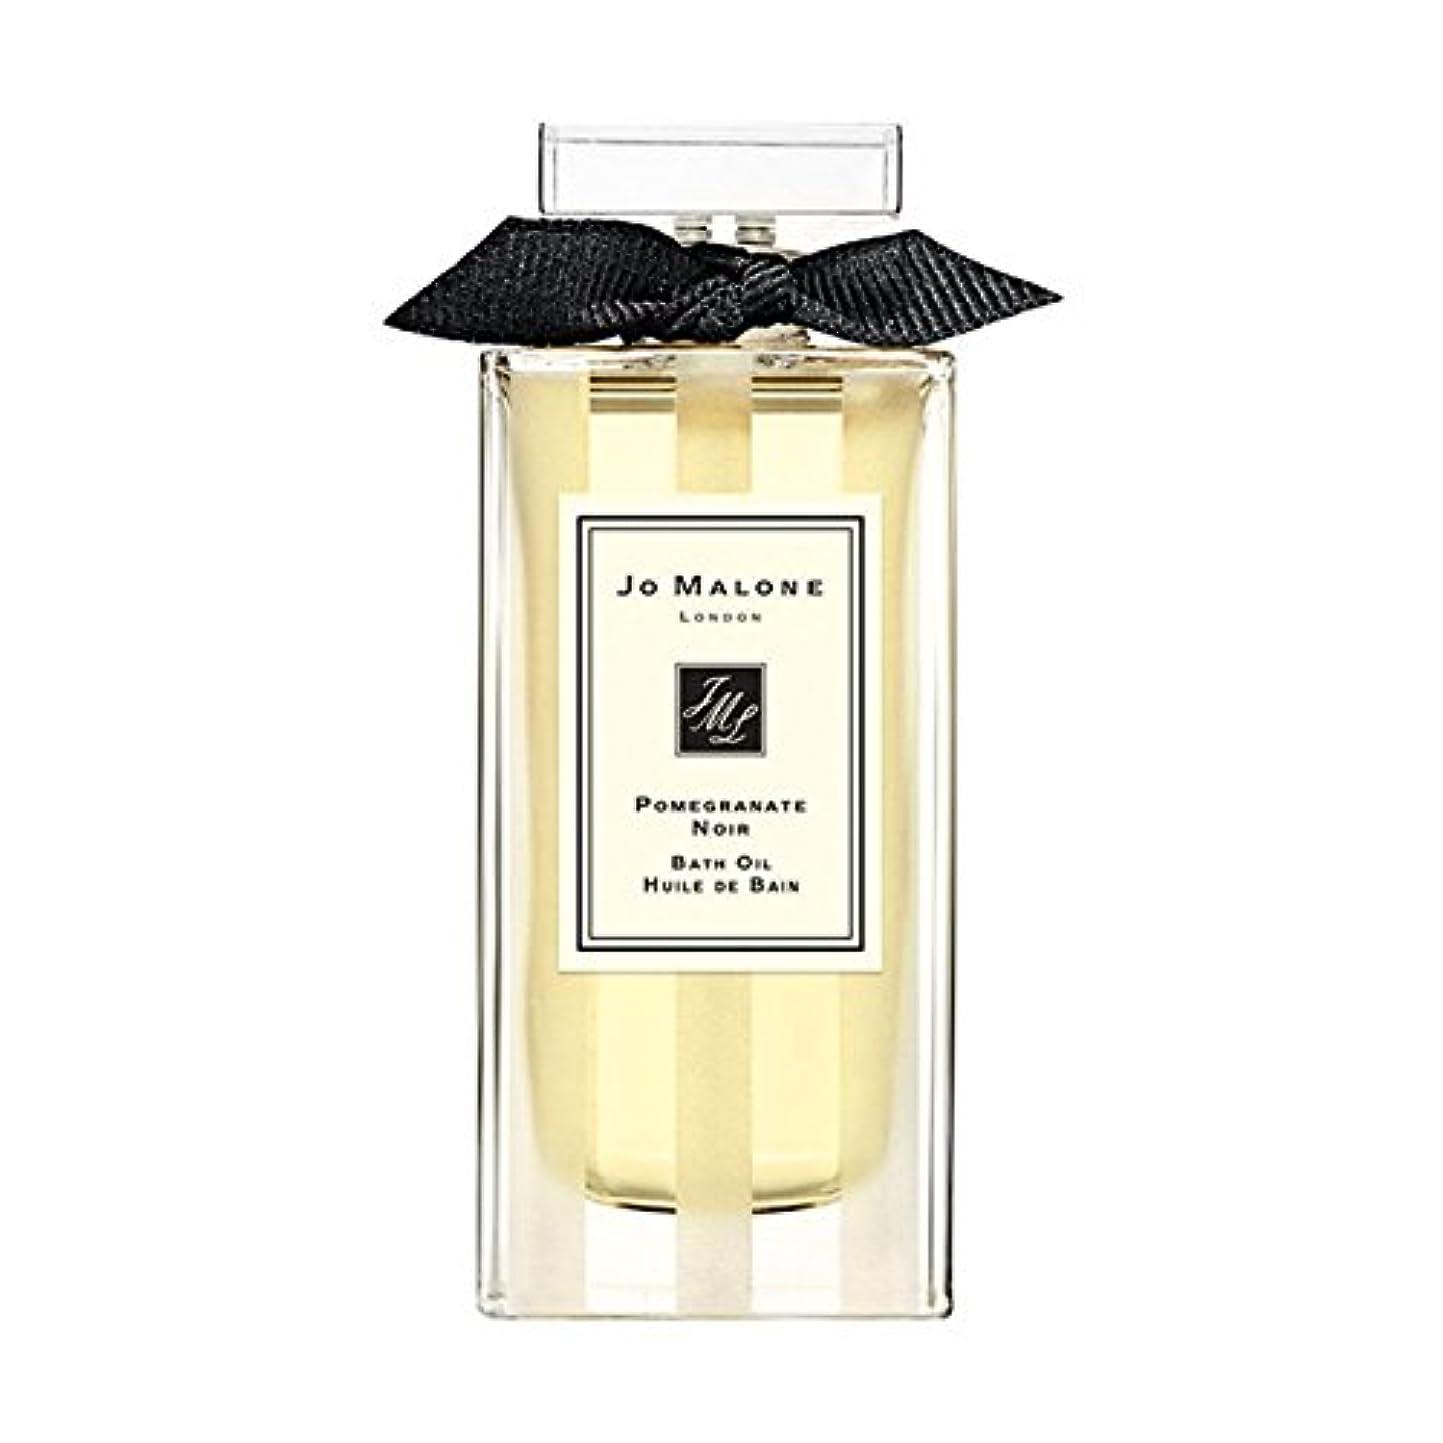 方言拮抗するバンドJo Malone ジョーマローン, バスオイル -ザクロ?ノワール (30ml),'Pomegranate Noir' Bath Oil (1oz) [海外直送品] [並行輸入品]